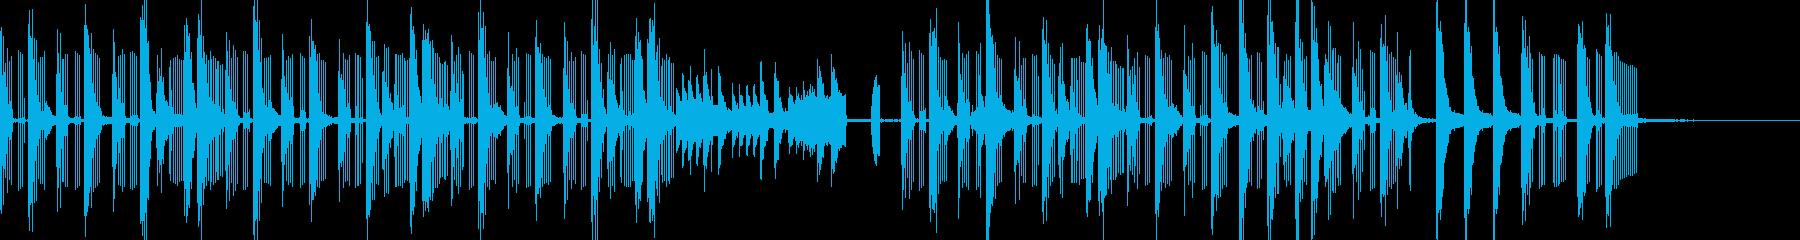 スパイシーなラテンCMの再生済みの波形